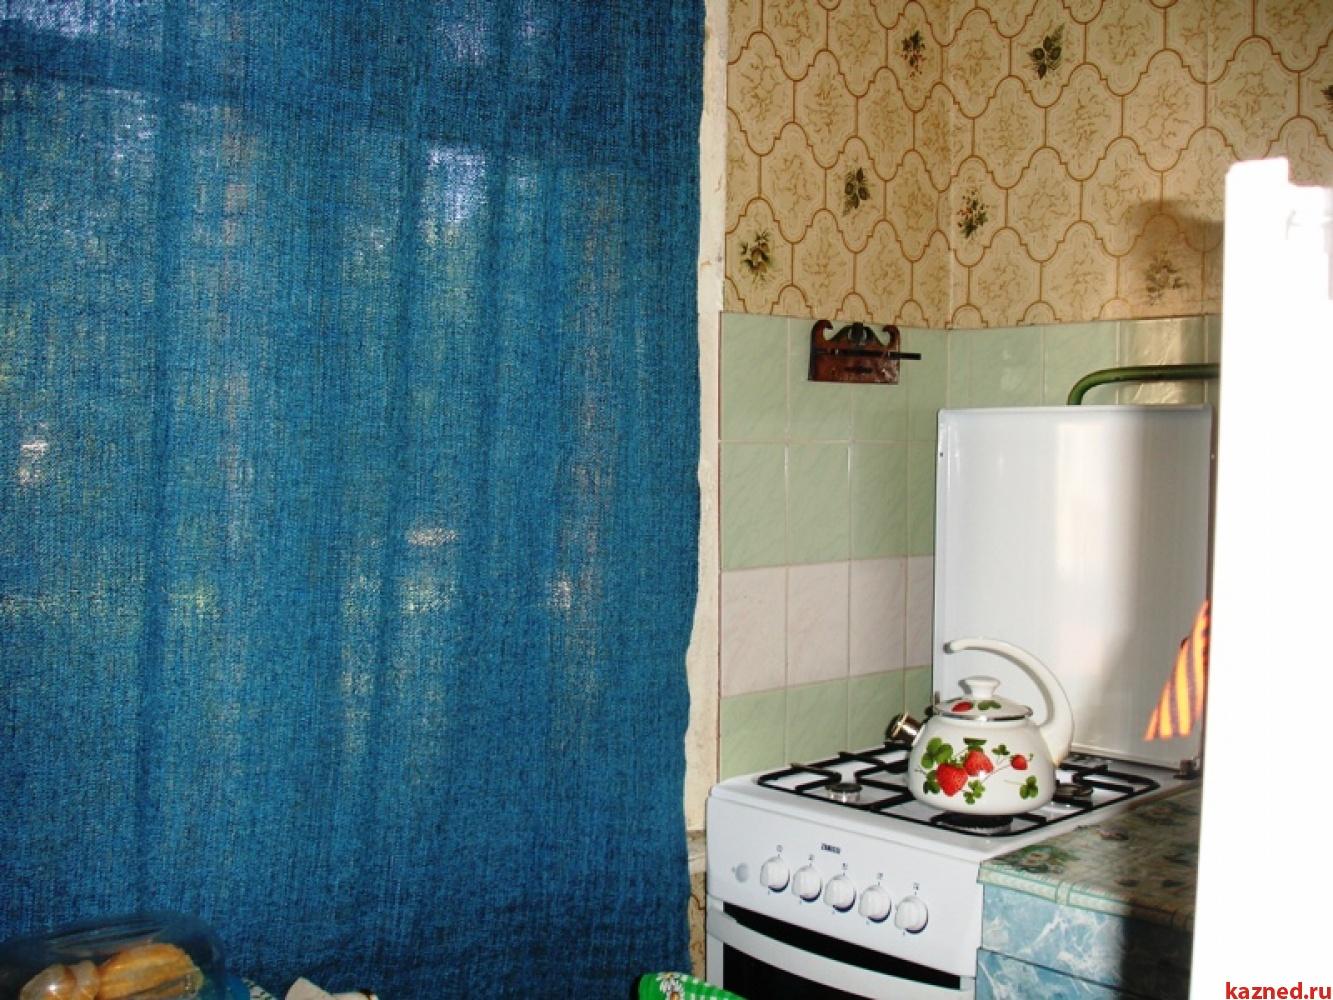 Продажа 1-к квартиры Ново-Азинская,10, 32 м2  (миниатюра №4)